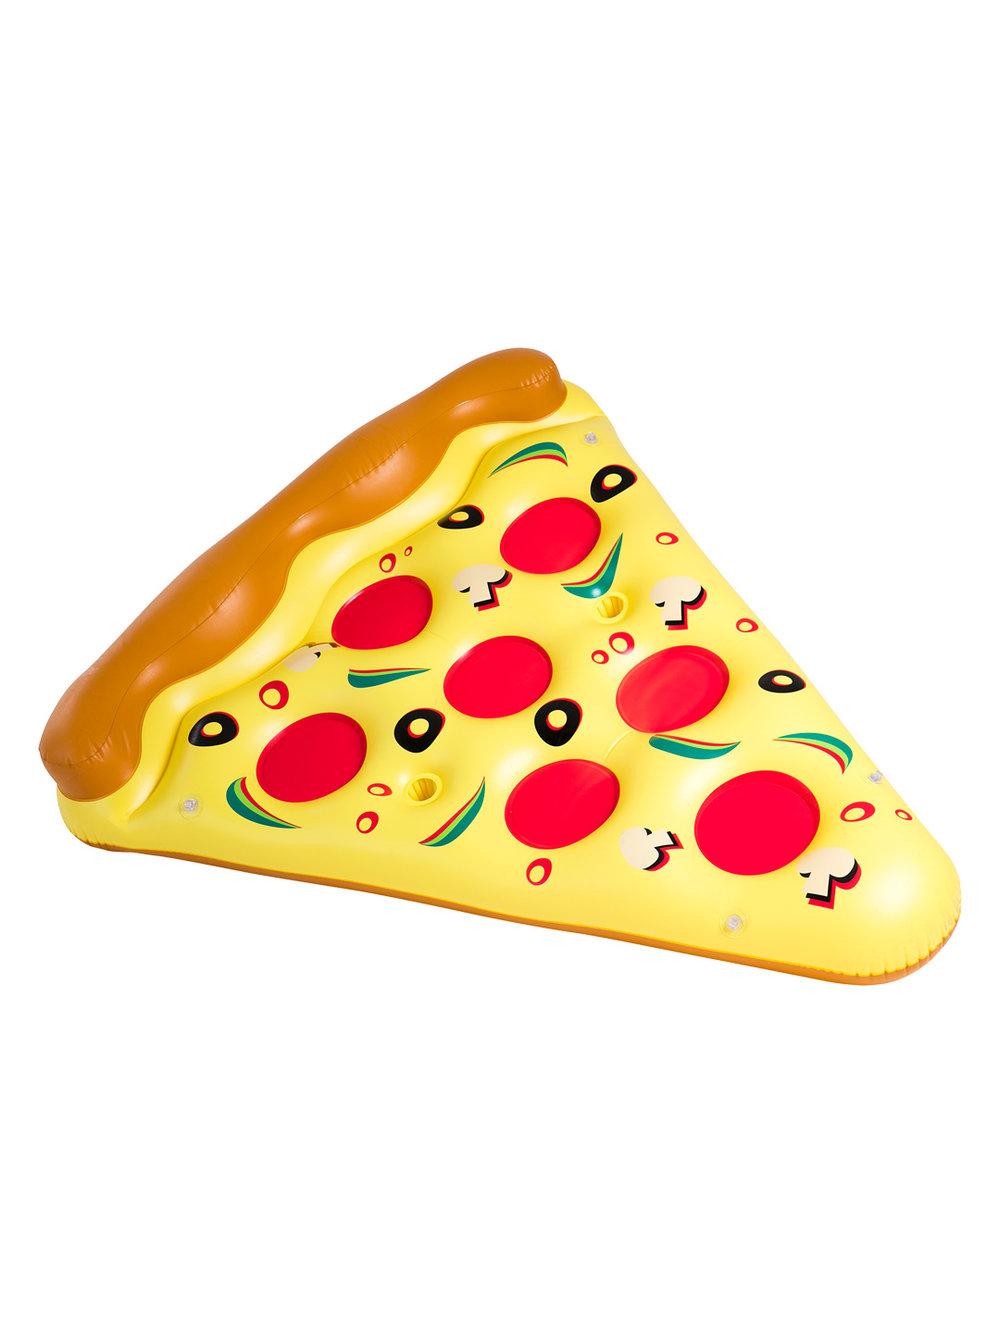 Floaty Kings Pizza Float_Gilt.com.jpg